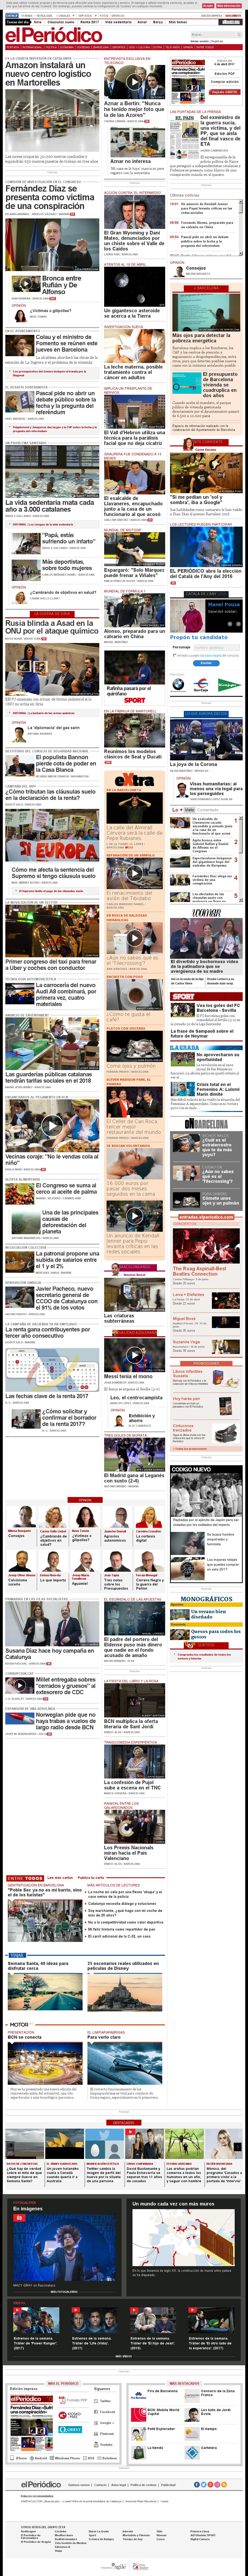 El Periodico at Thursday April 6, 2017, 8:15 a.m. UTC